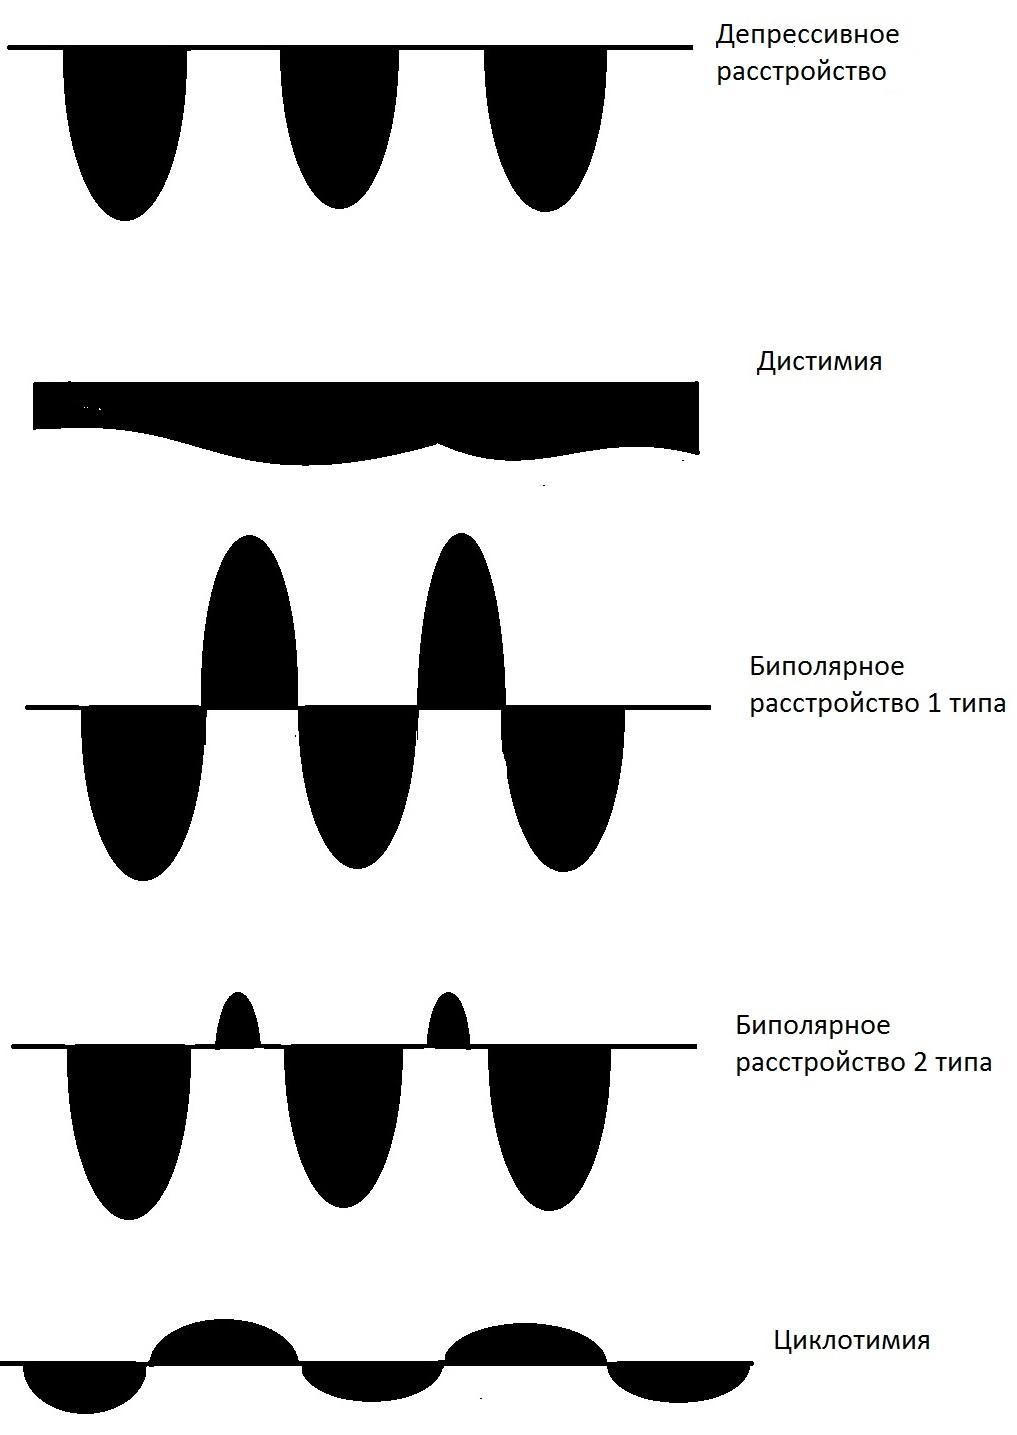 Изменение настроения при различных эмоциональных расстройствах (биполярное, деперссивное, дистимия, циклотимия)